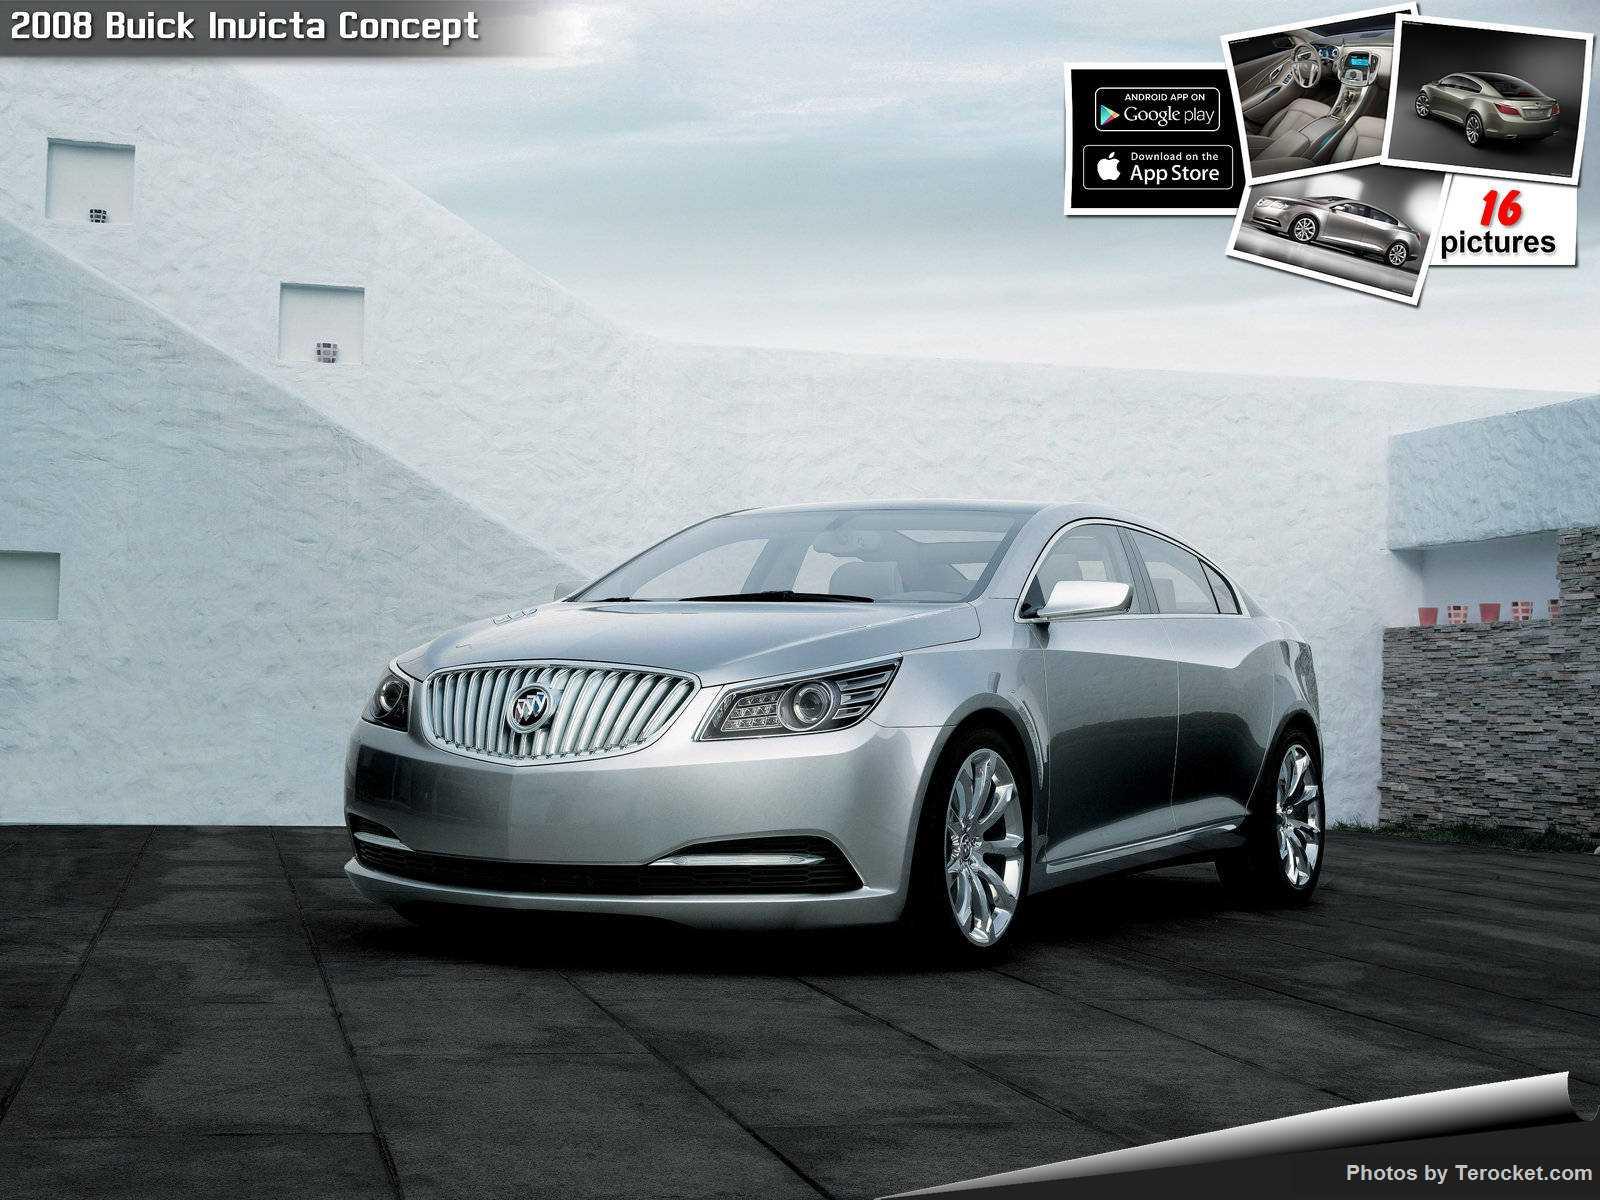 Hình ảnh xe ô tô Buick Invicta Concept 2008 & nội ngoại thất